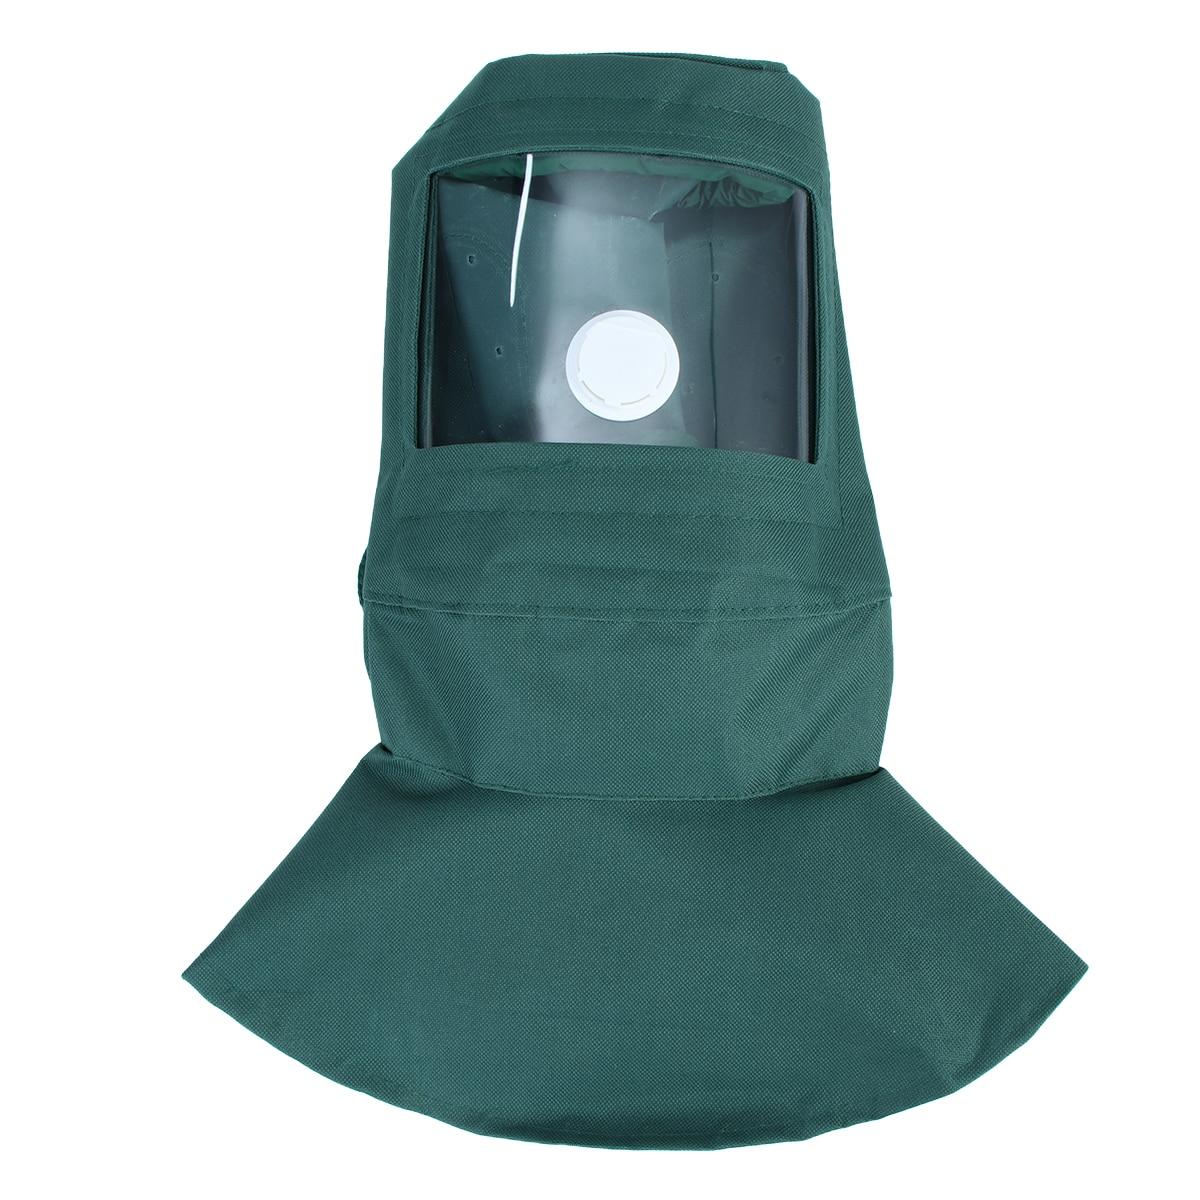 Schutzhelm Neue Arbeit Gesicht Maske Industrie Arbeit Schutz Maske Strahlen Haube Sand Schleif Grit Schuss Sand Blaster Maske Anti Staub Ausrüstung